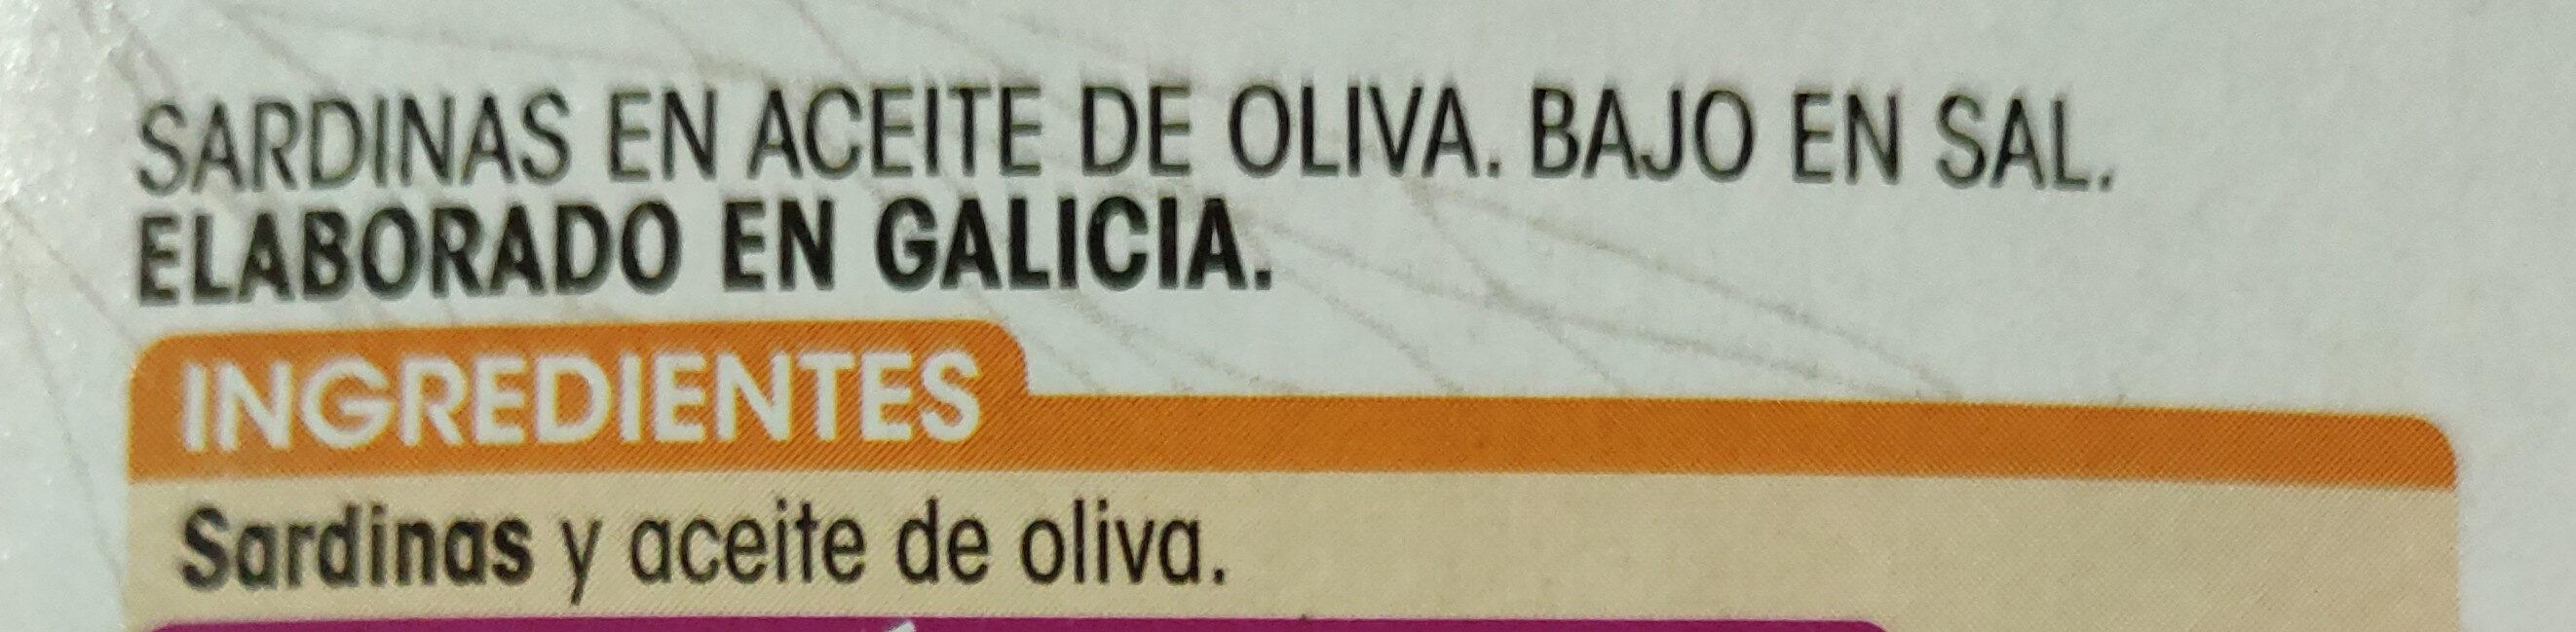 Sardinas en aceite de oliva bajo en sal - Ingrédients - es